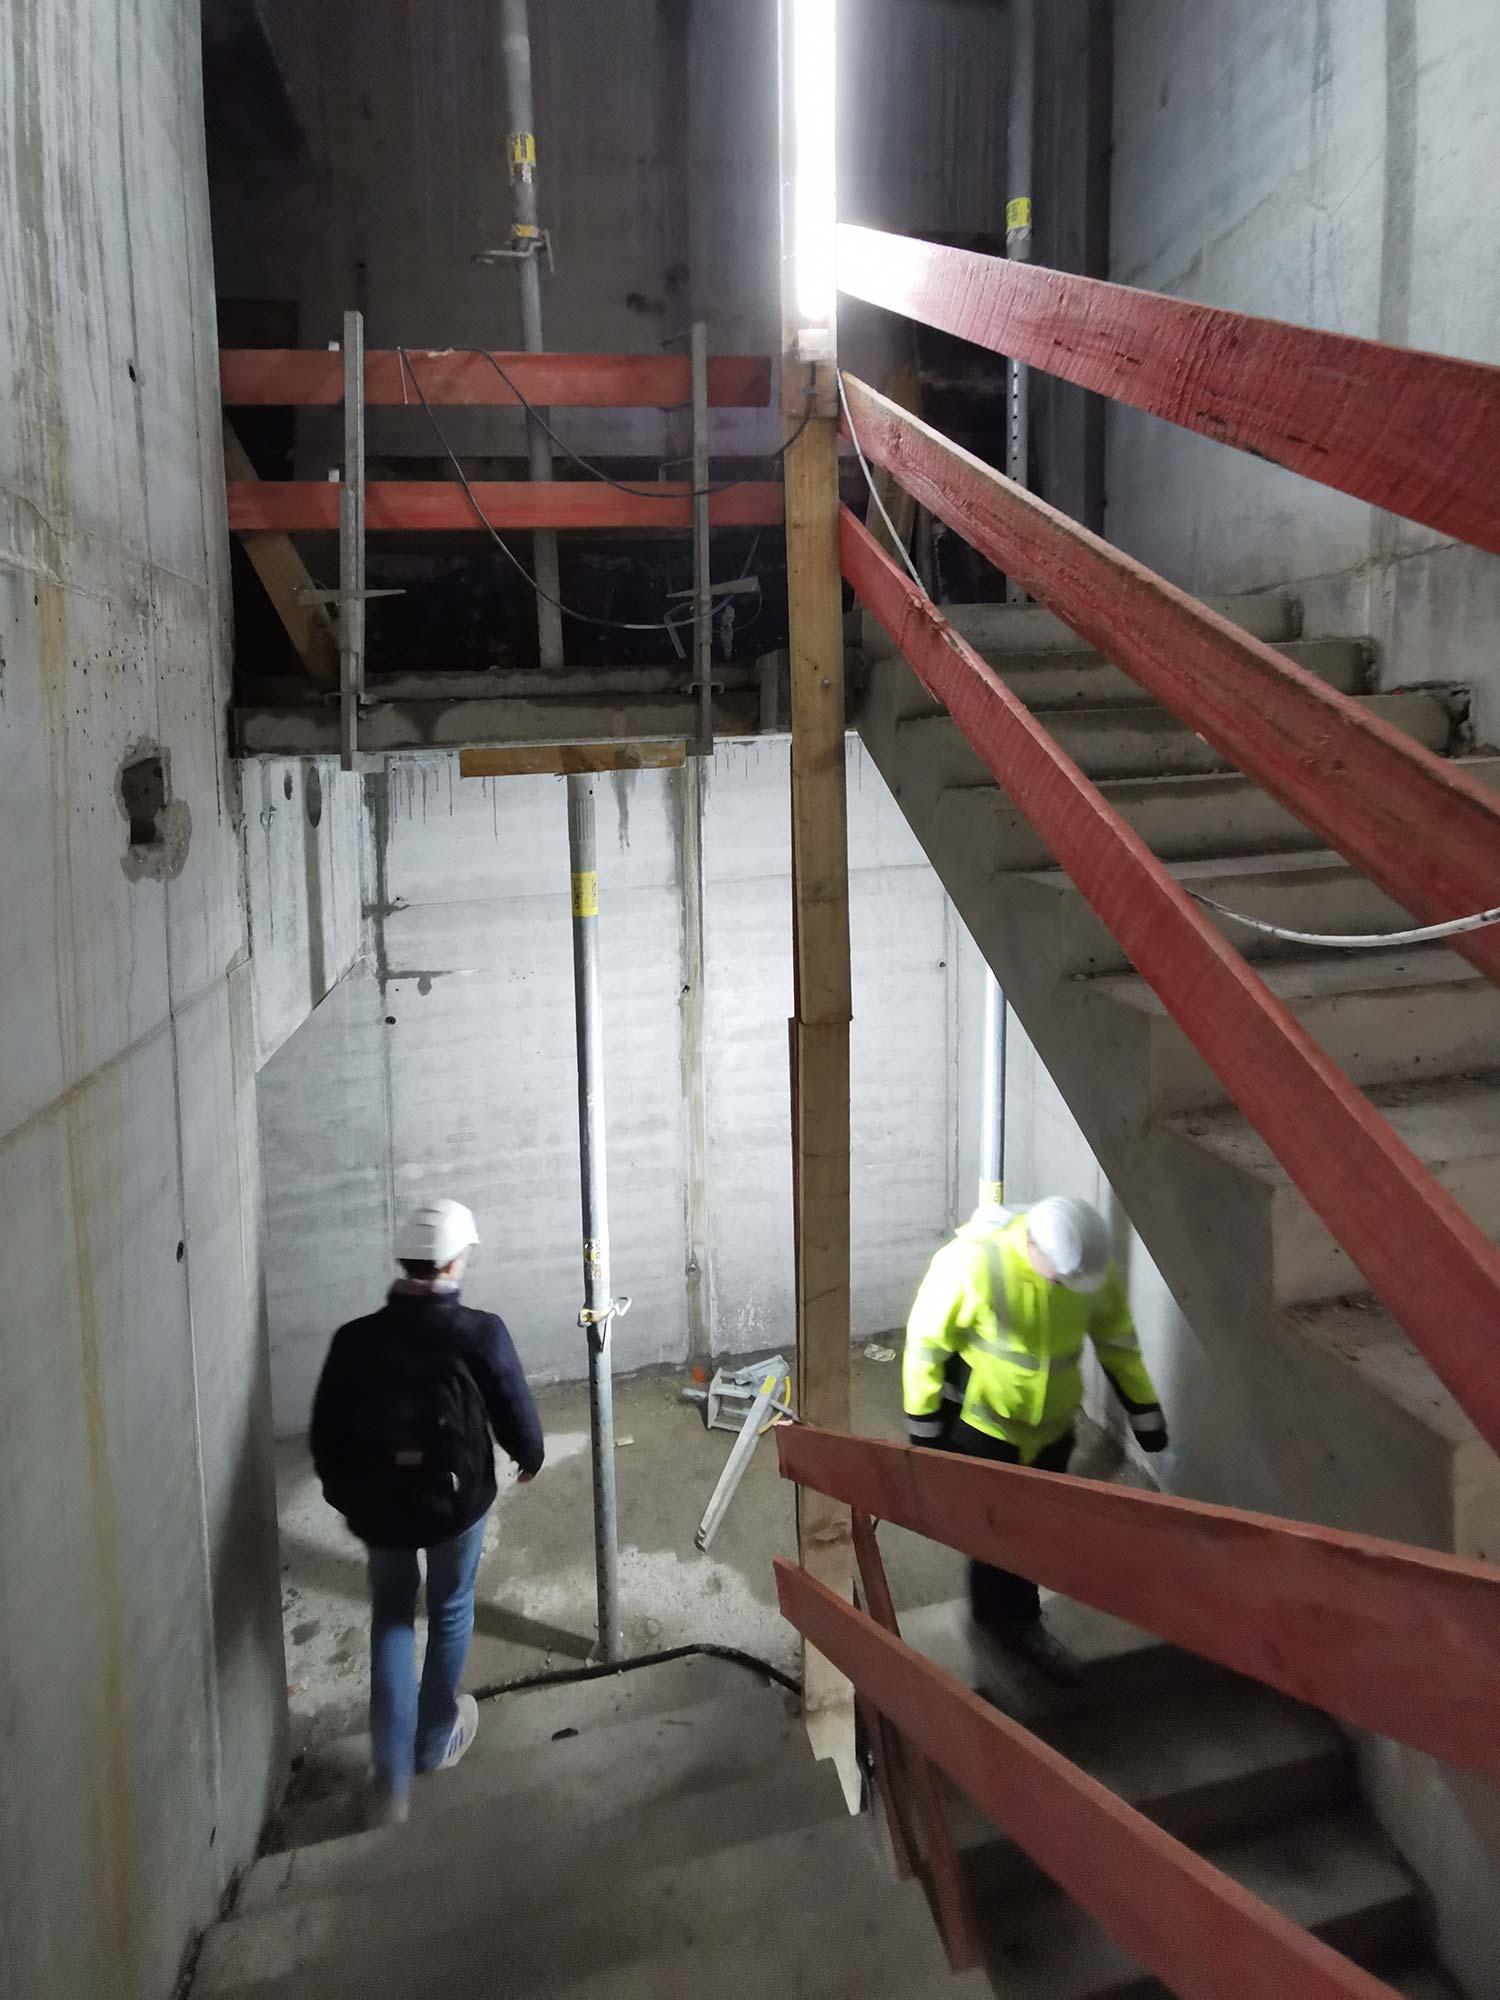 Über das Rohbau-Treppenhaus ging es anschließend wieder hinab